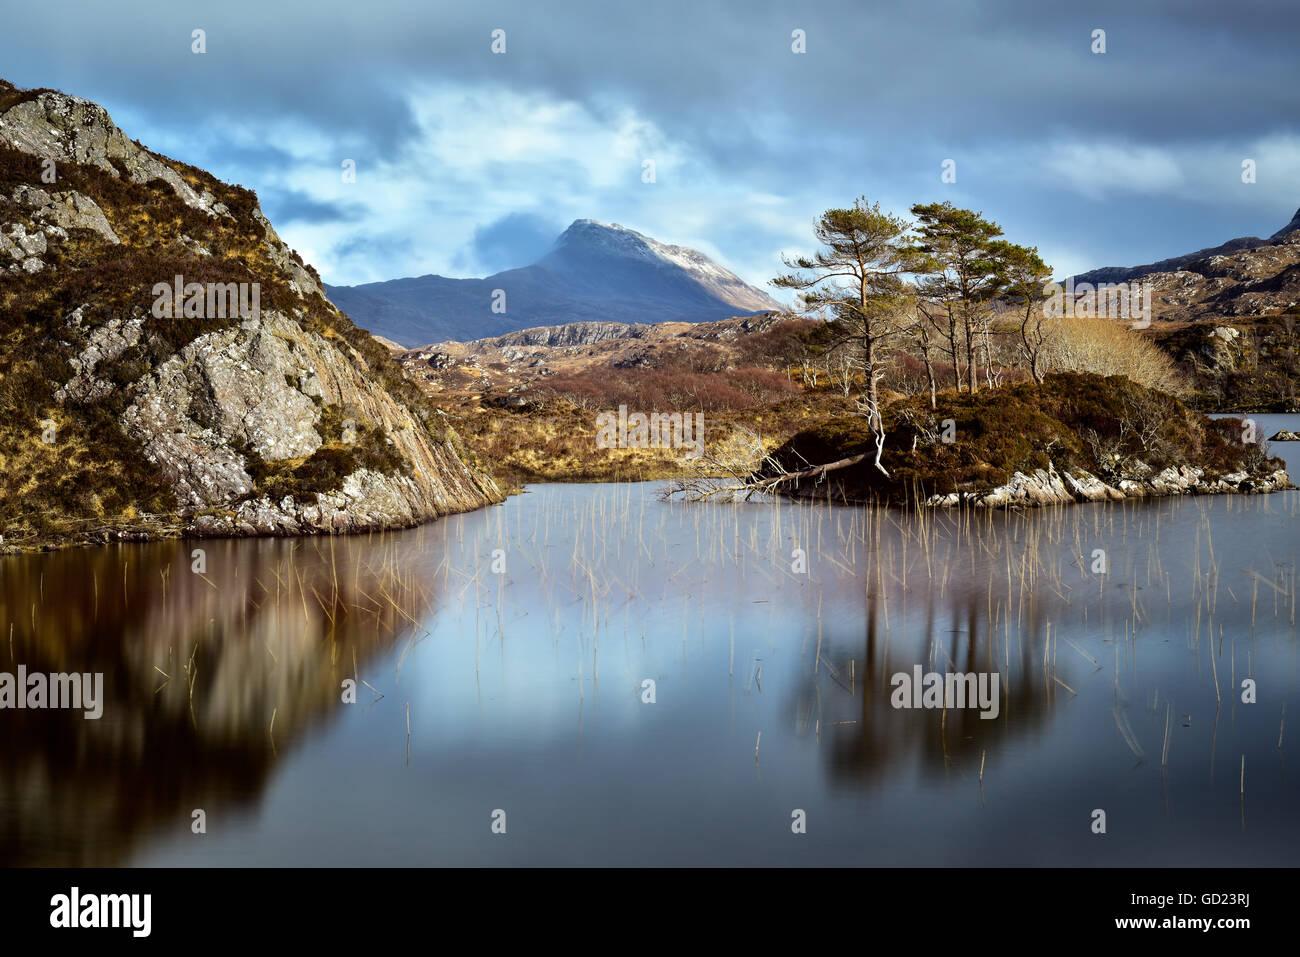 Sutherland, Scottish Highlands, Scotland, United Kingdom, Europe - Stock Image